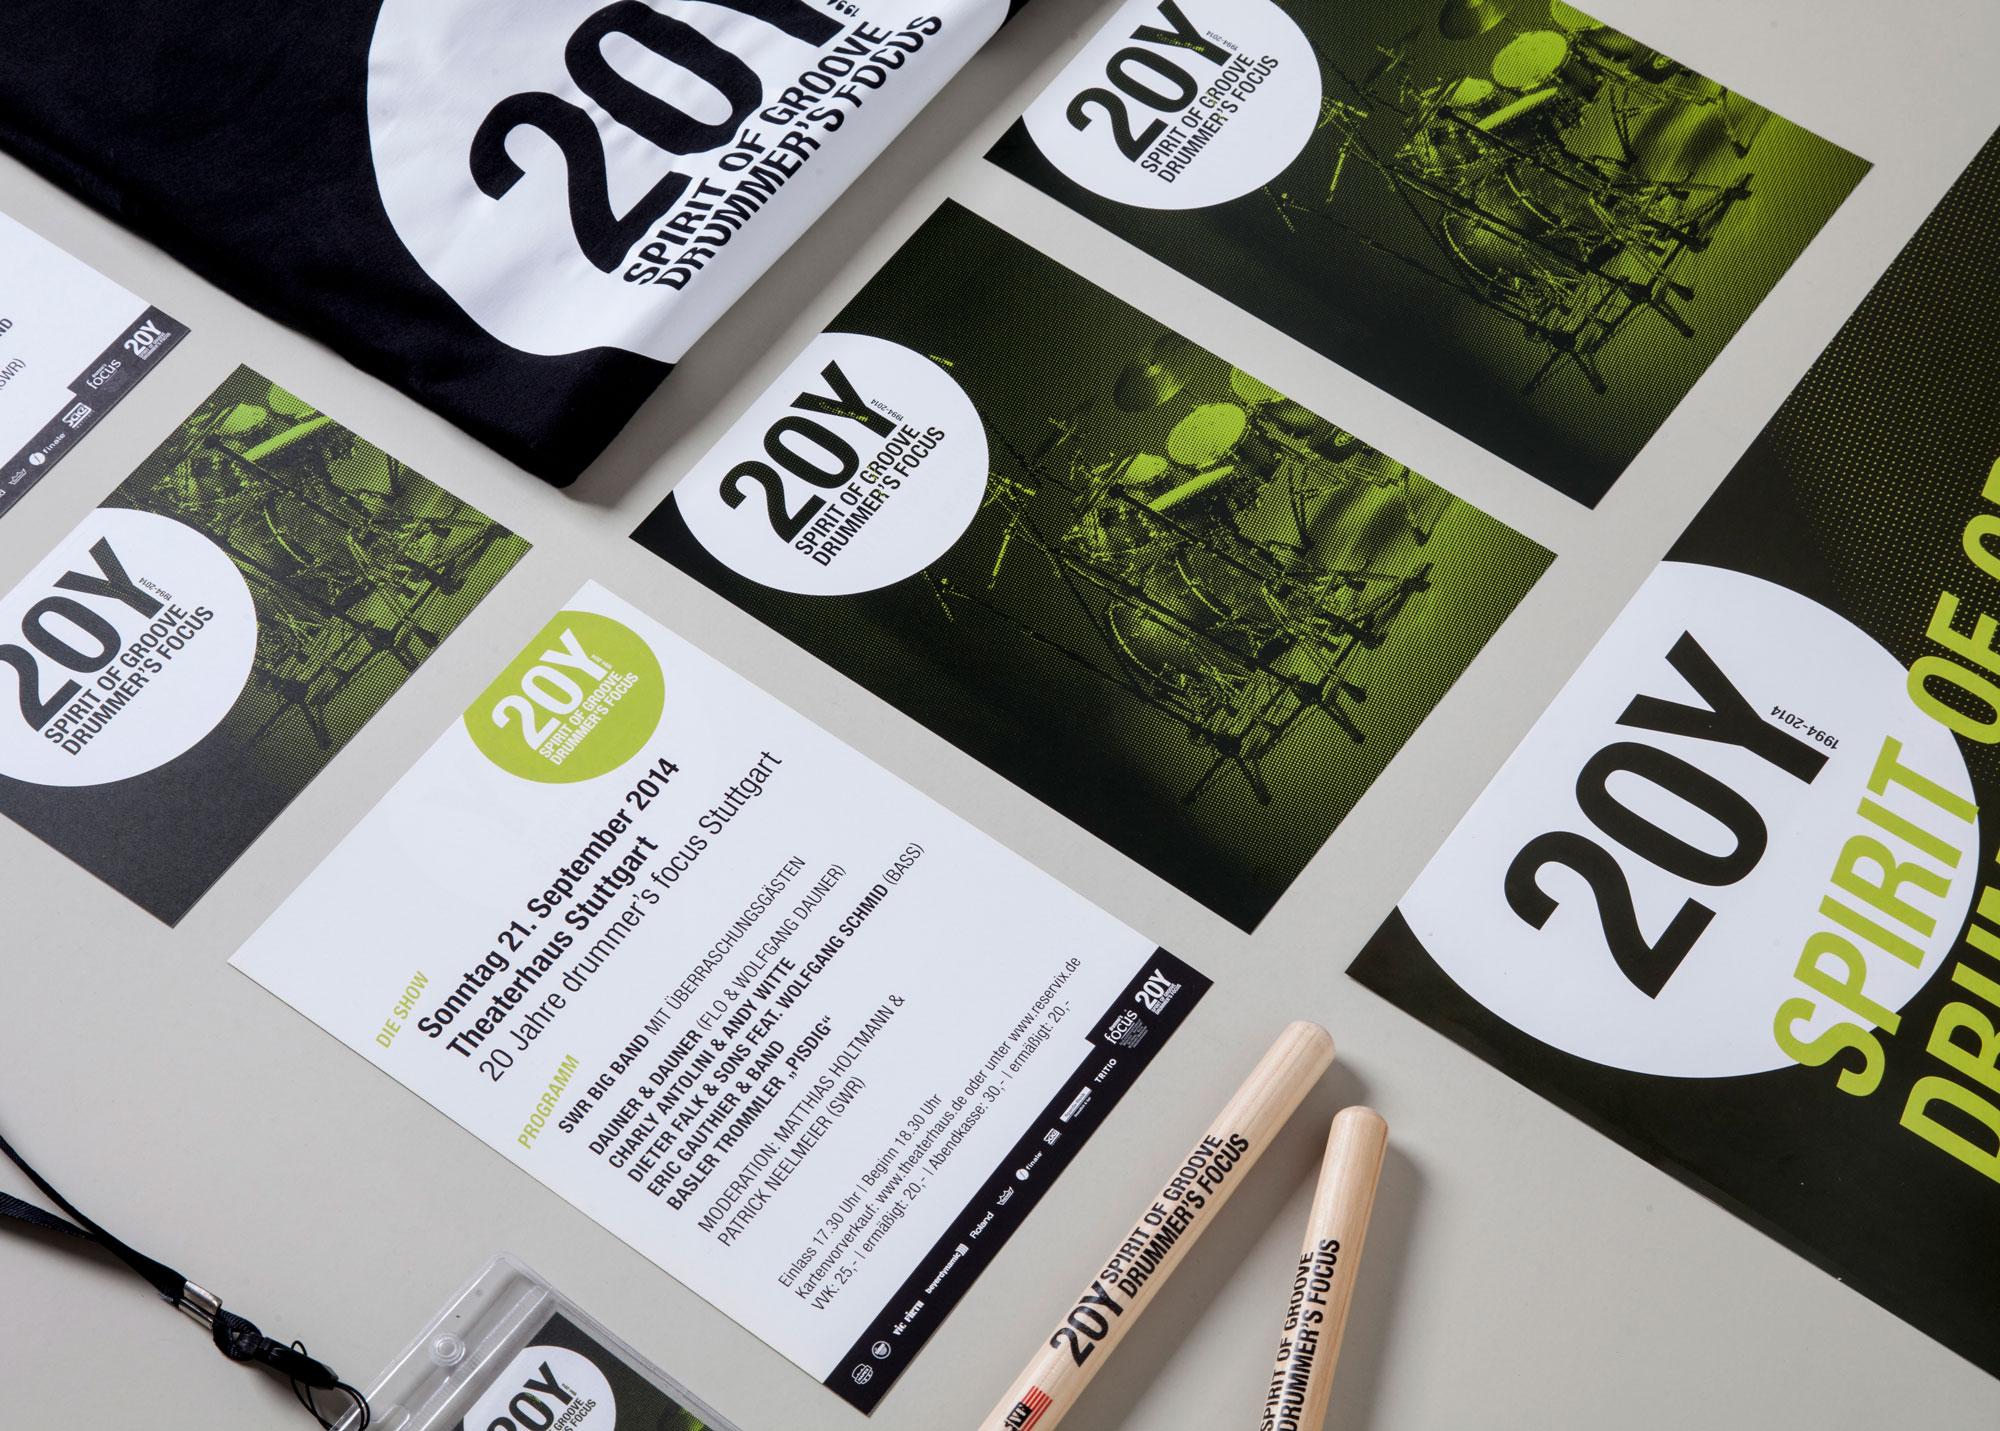 75a Büro für Gestaltung aus Stuttgart gestaltet die Drucksachen für 20Y drummer's focus Stuttgart